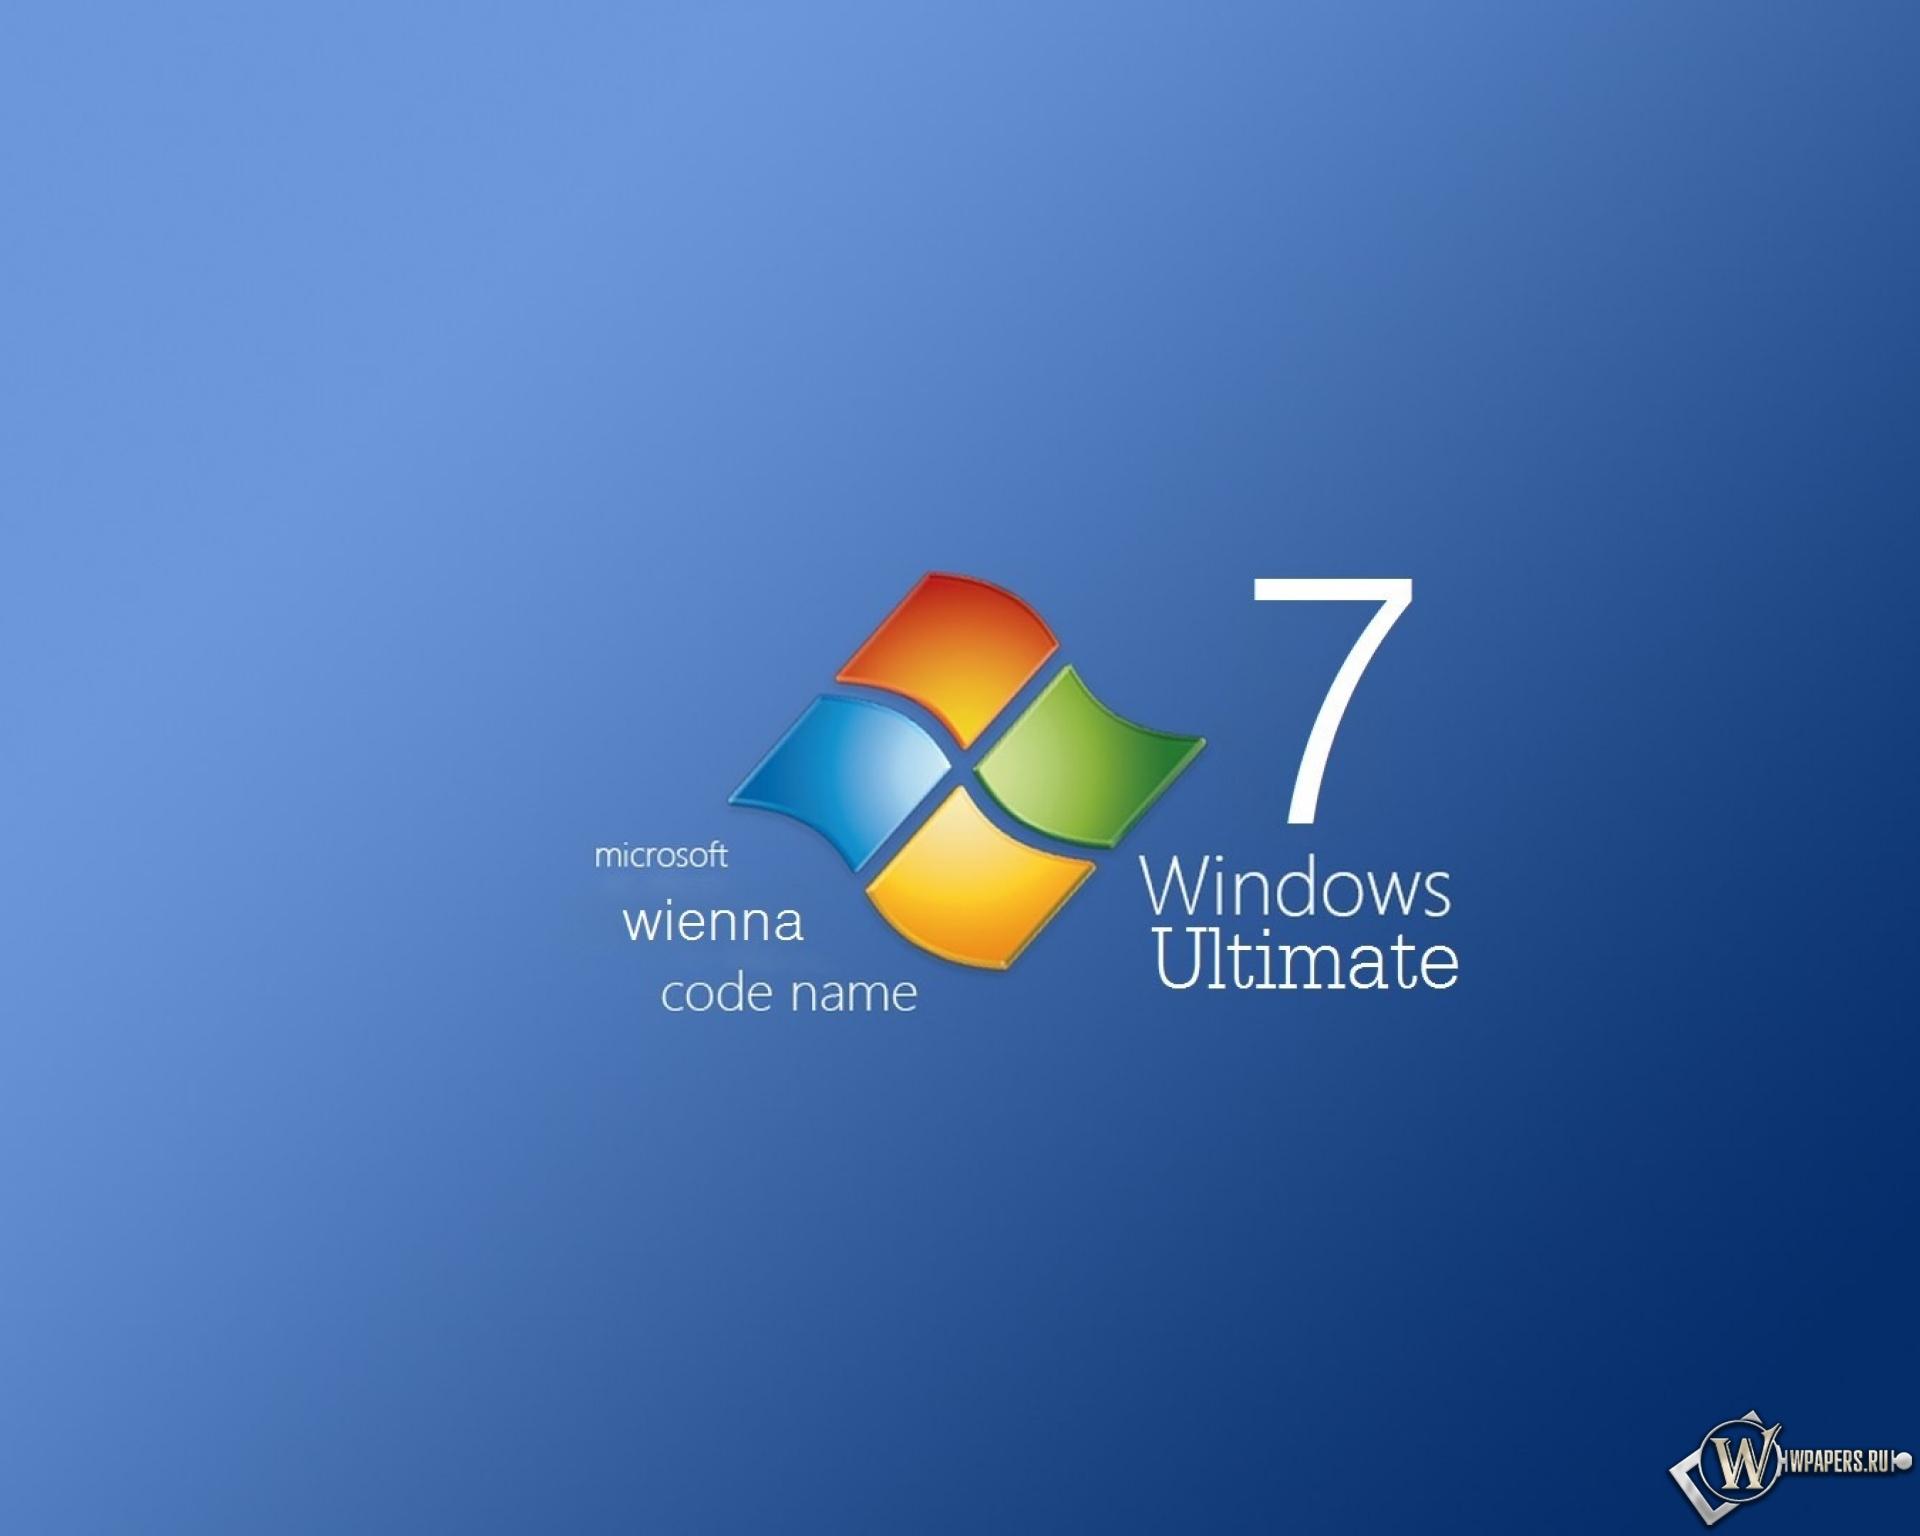 скачать программу смены обоев рабочего стола бесплатно windows 7 № 198500 без смс